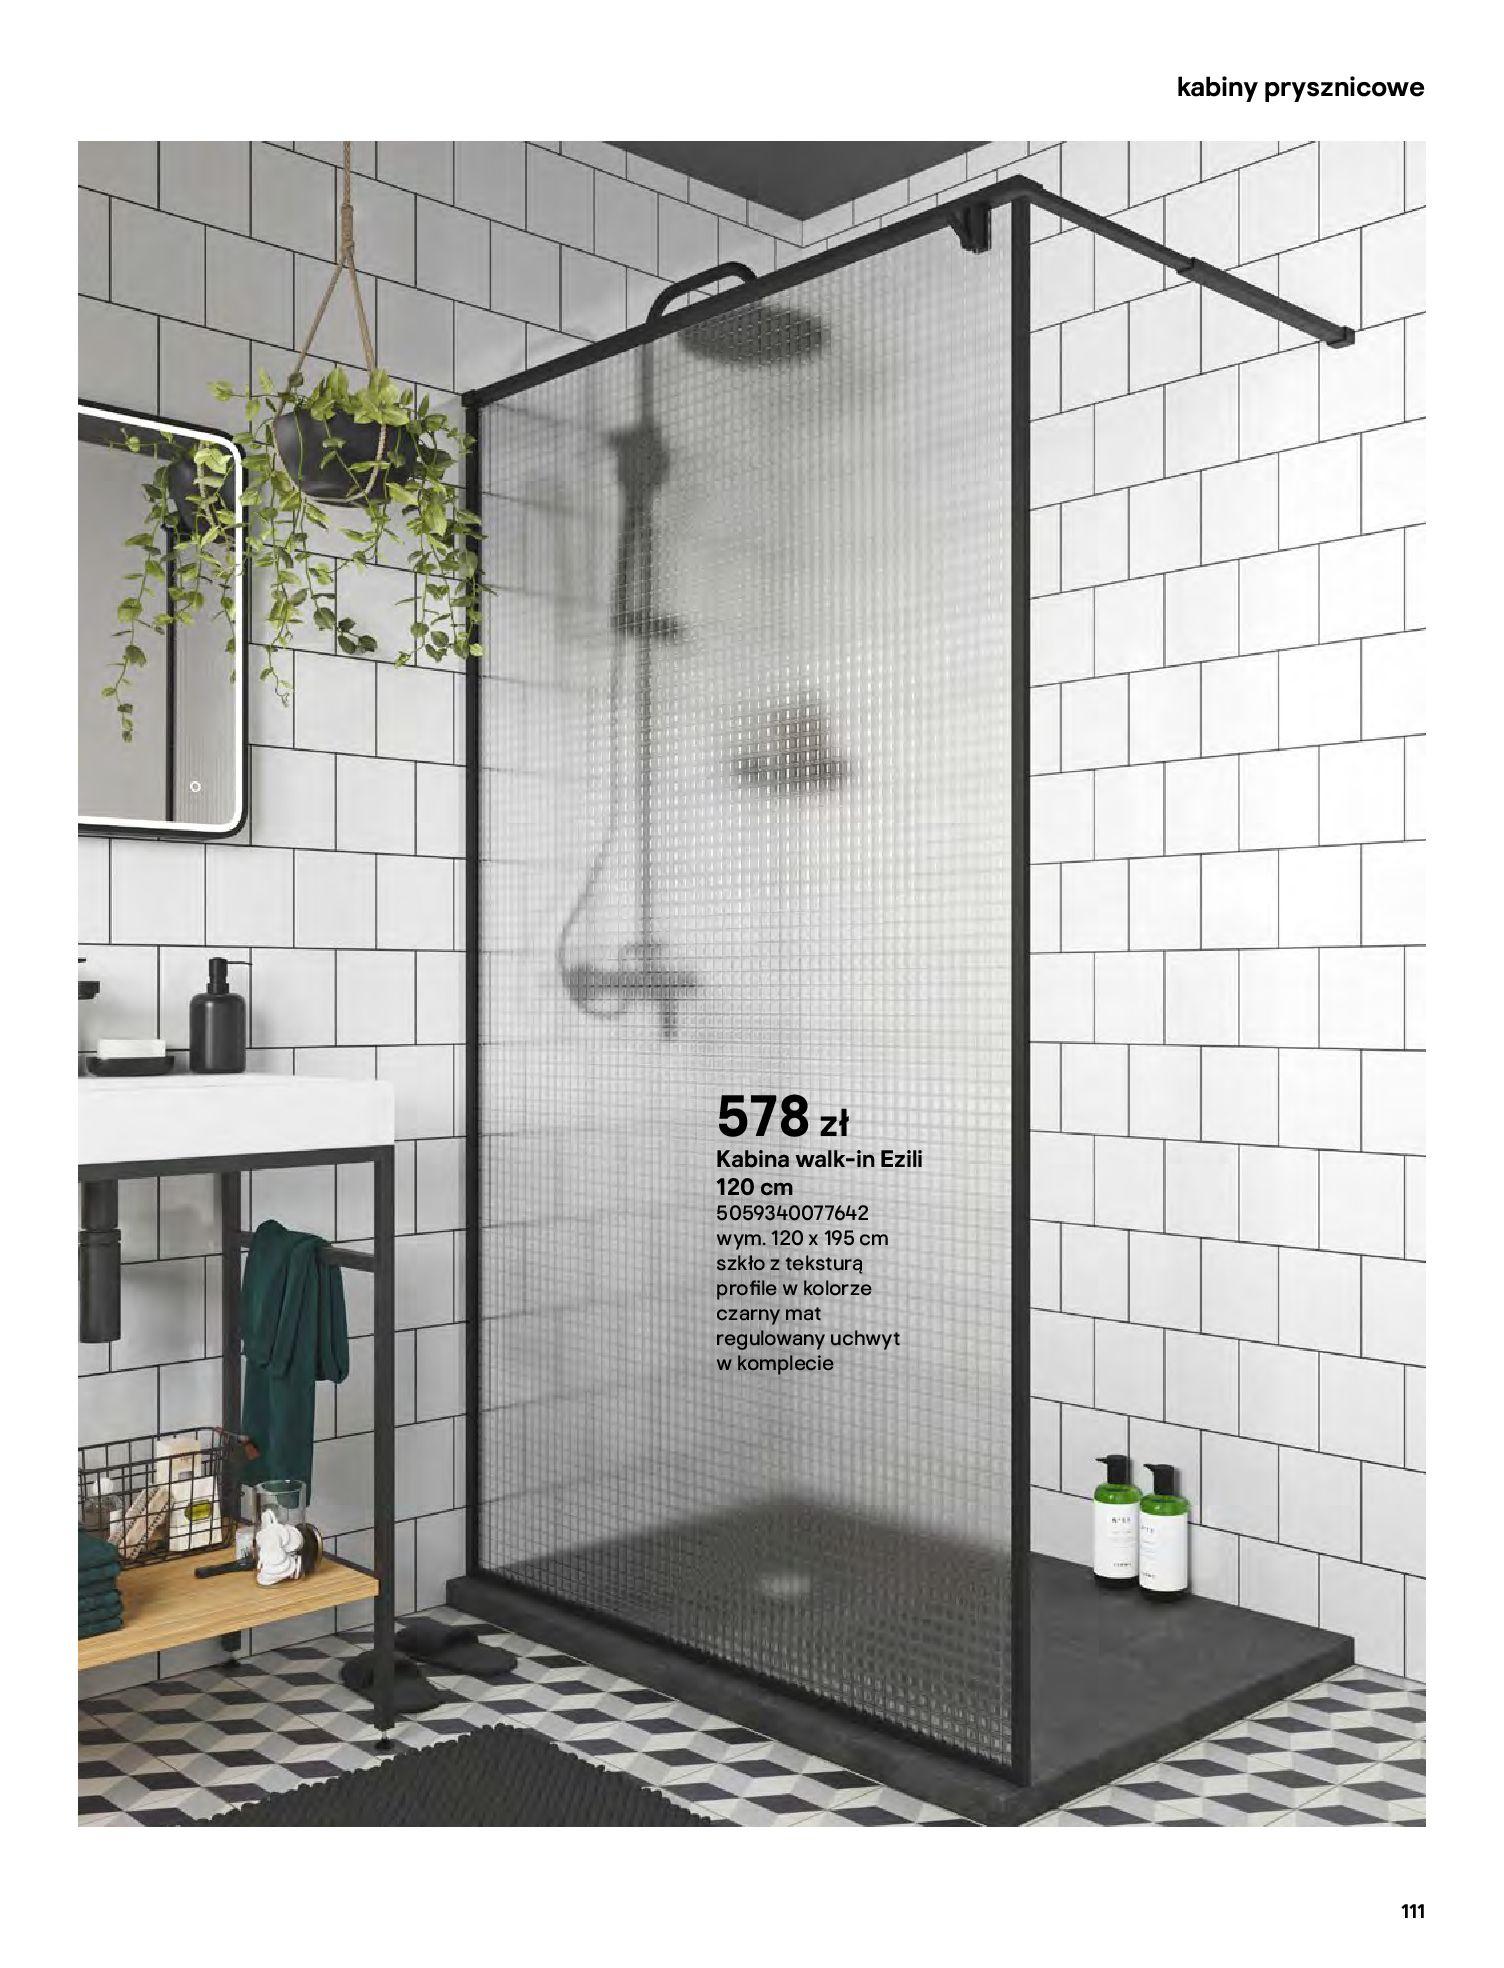 Gazetka Castorama: Gazetka Castorama - katalog łazienki 2021 2021-06-16 page-111